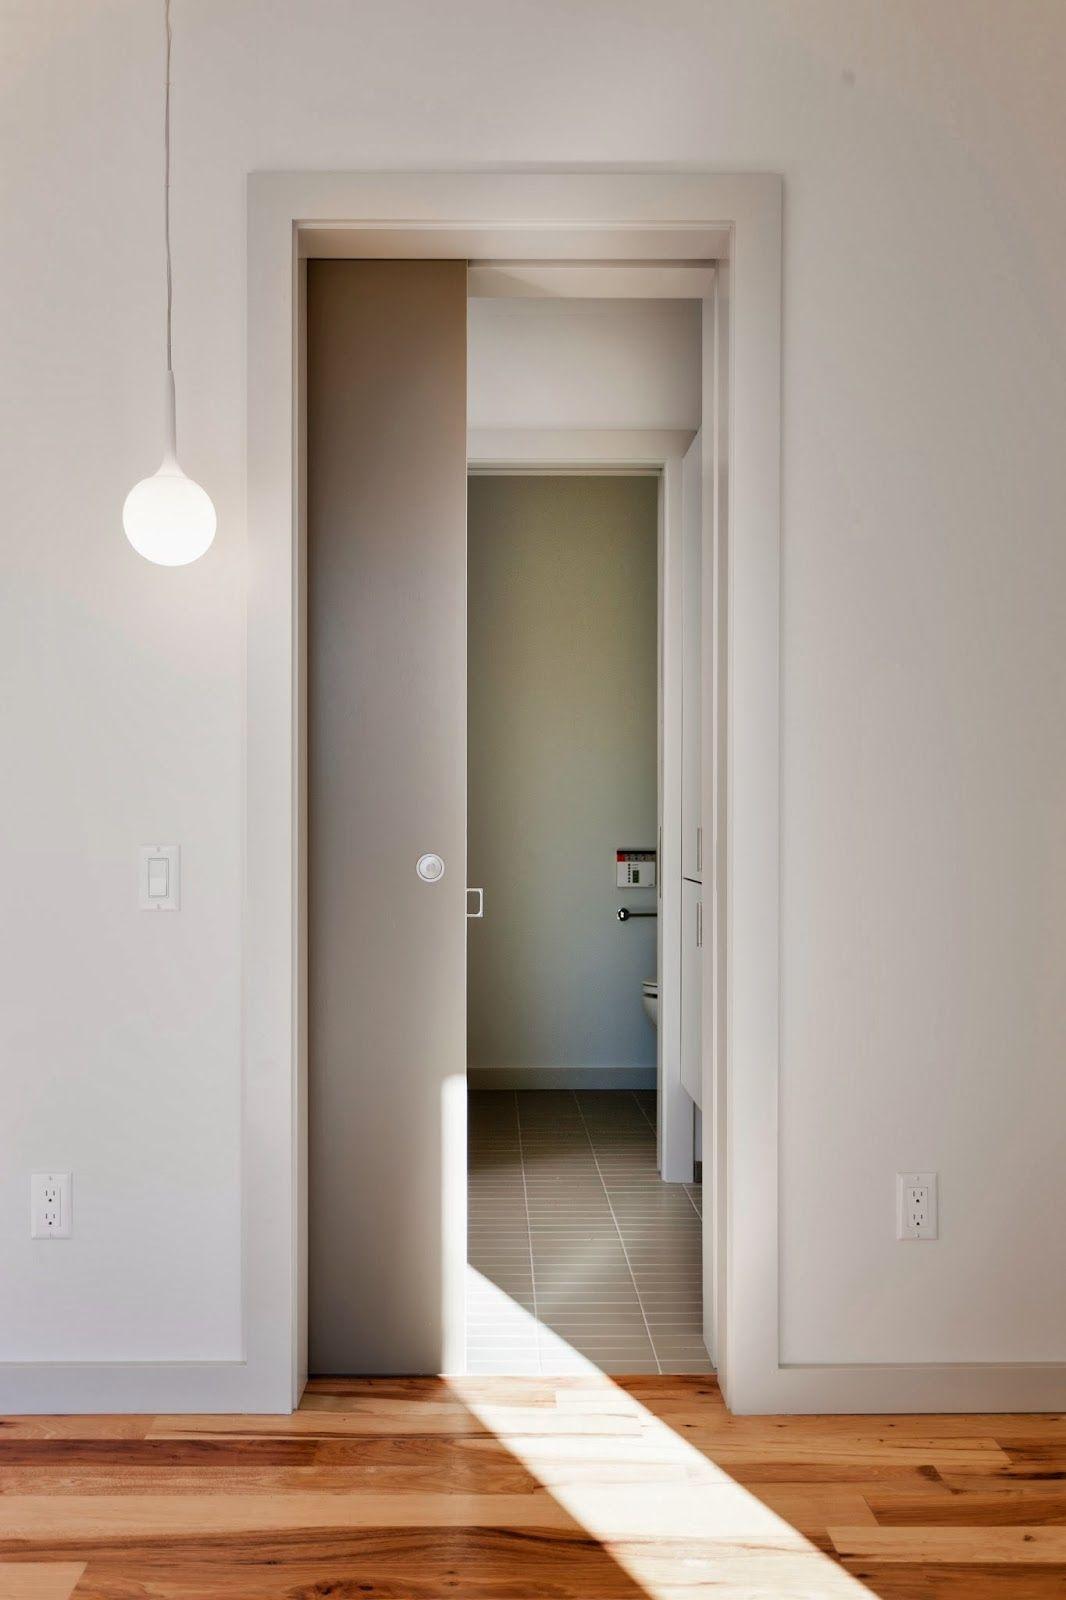 Hafele Pocket Door Edge Pull | Pocket doors, Pocket door ...